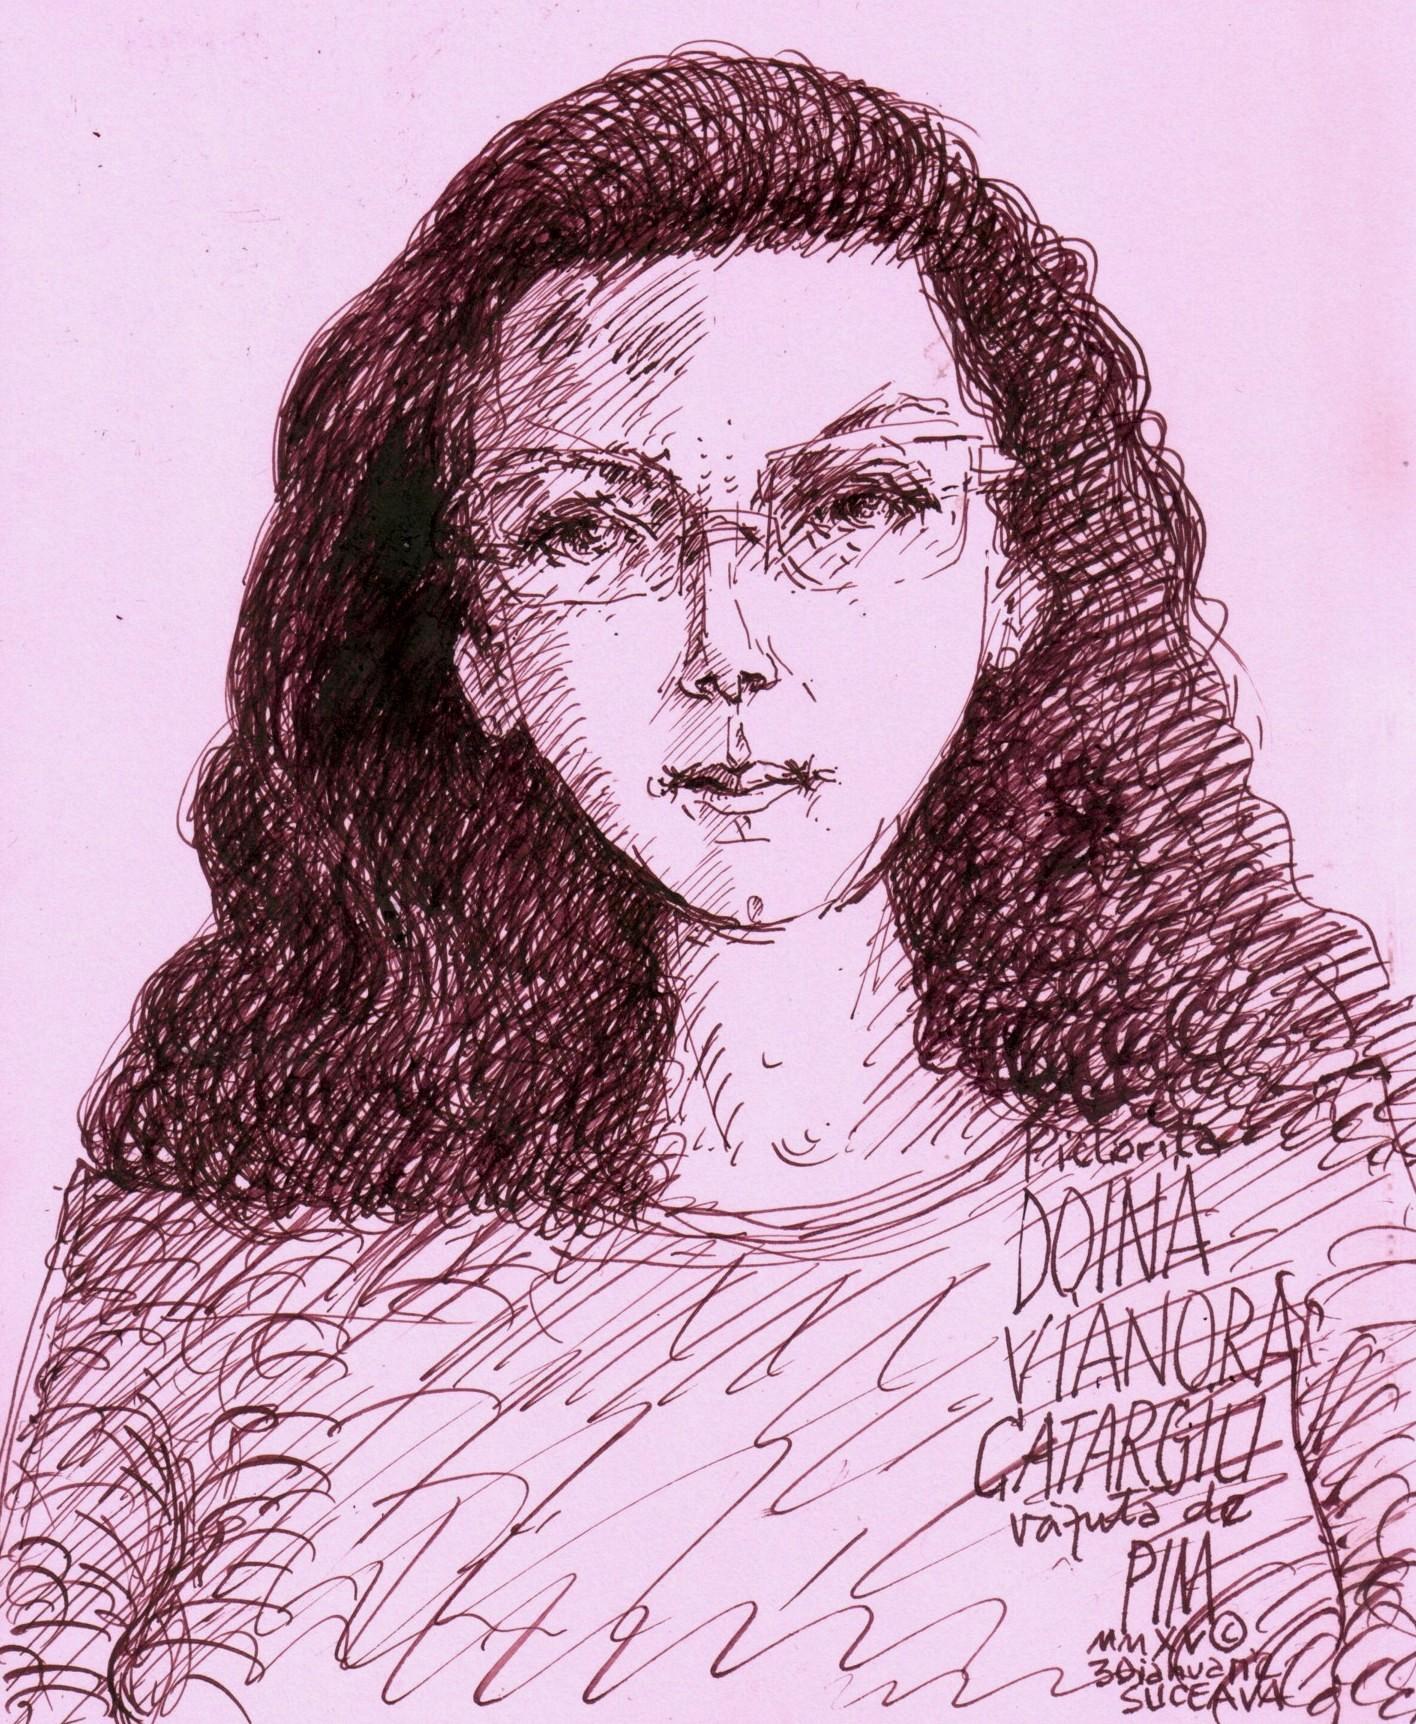 Doina Catargiu, văzută de PIM